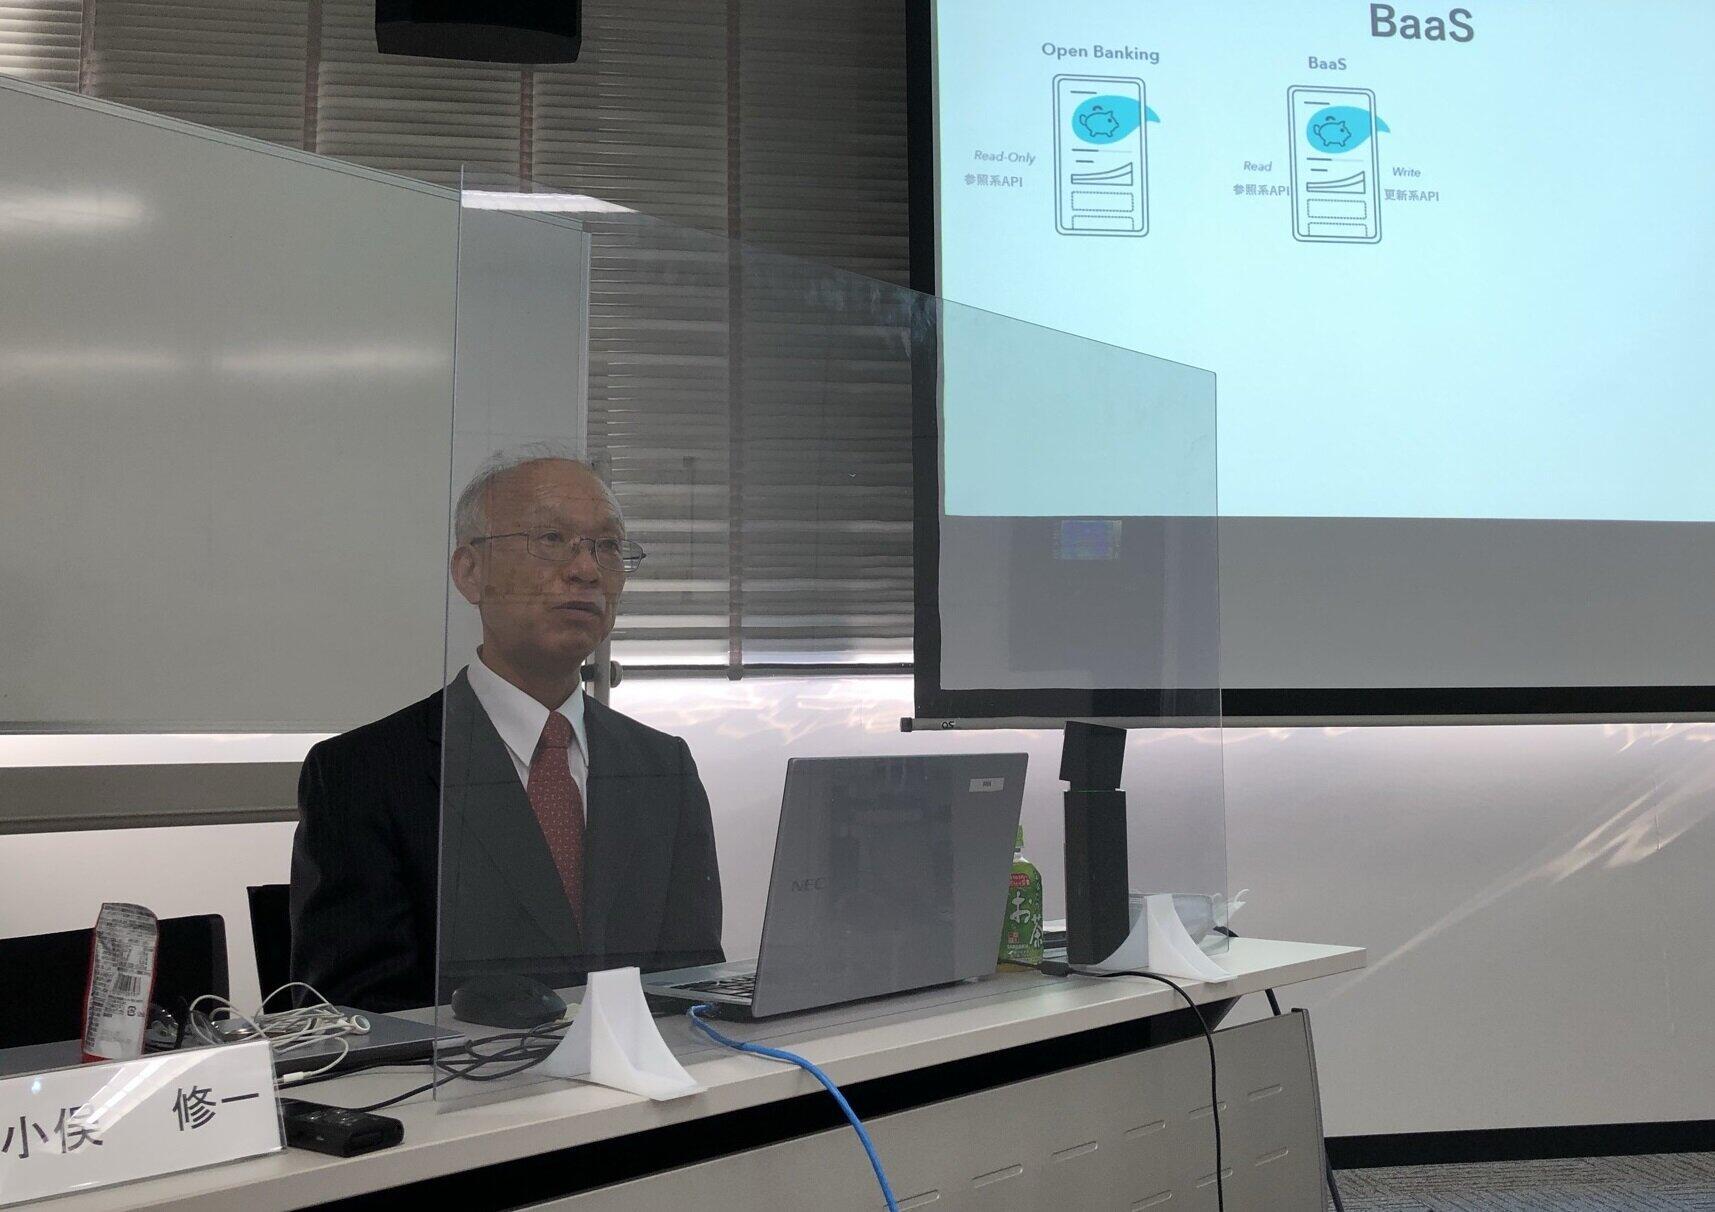 BaaS事業は金融機関にとって可能性を秘める